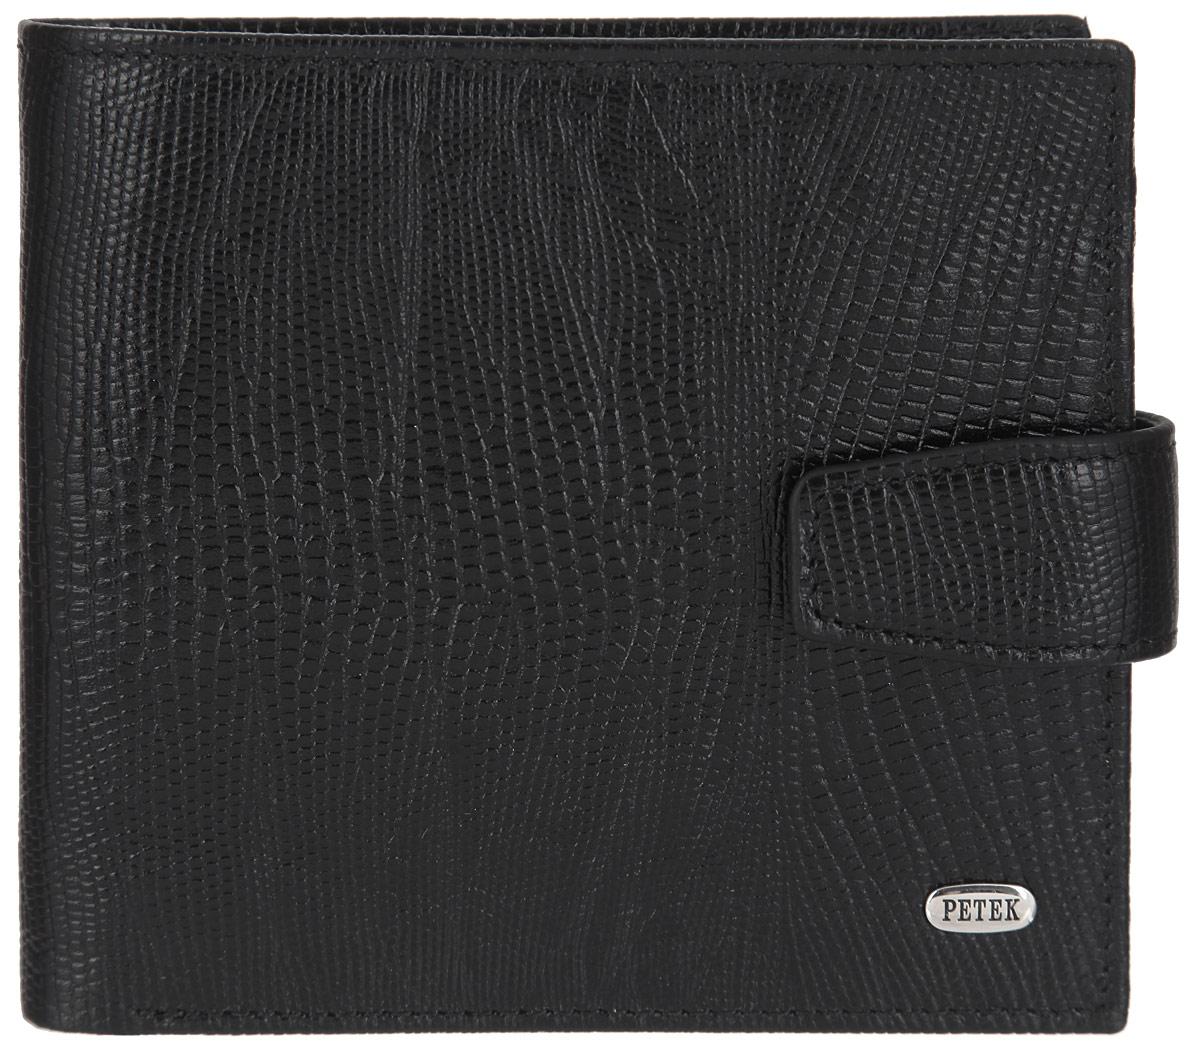 Портмоне мужское Petek 1855, цвет: черный. 2323.041.01 2323.041.01 Black